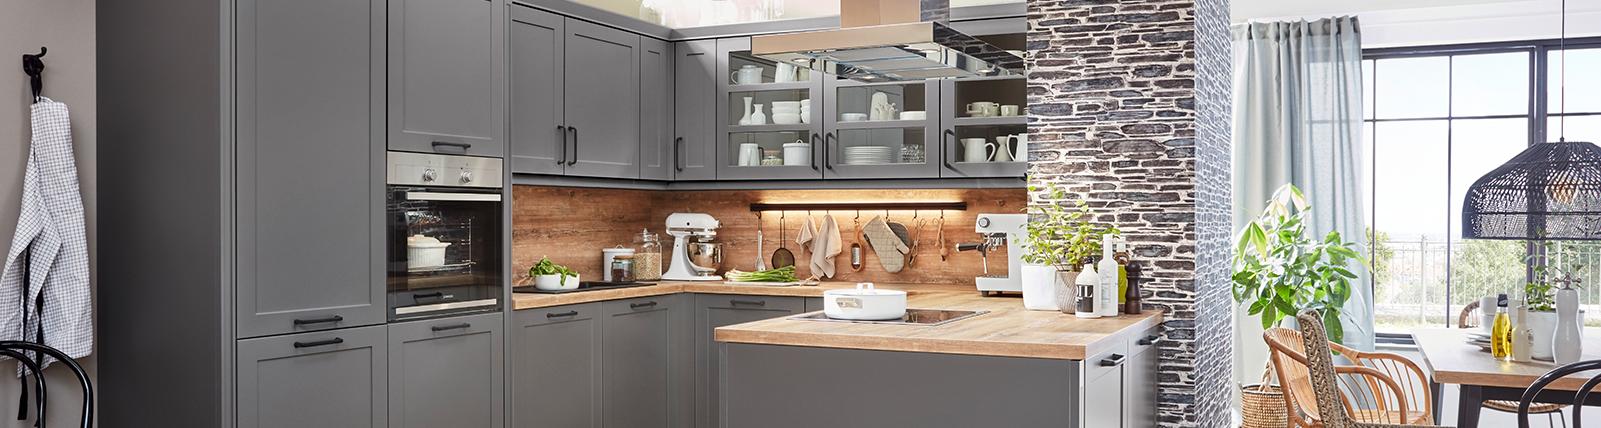 Die Landhaus-Küche vom Top-Küchenhersteller | nobilia Küchen